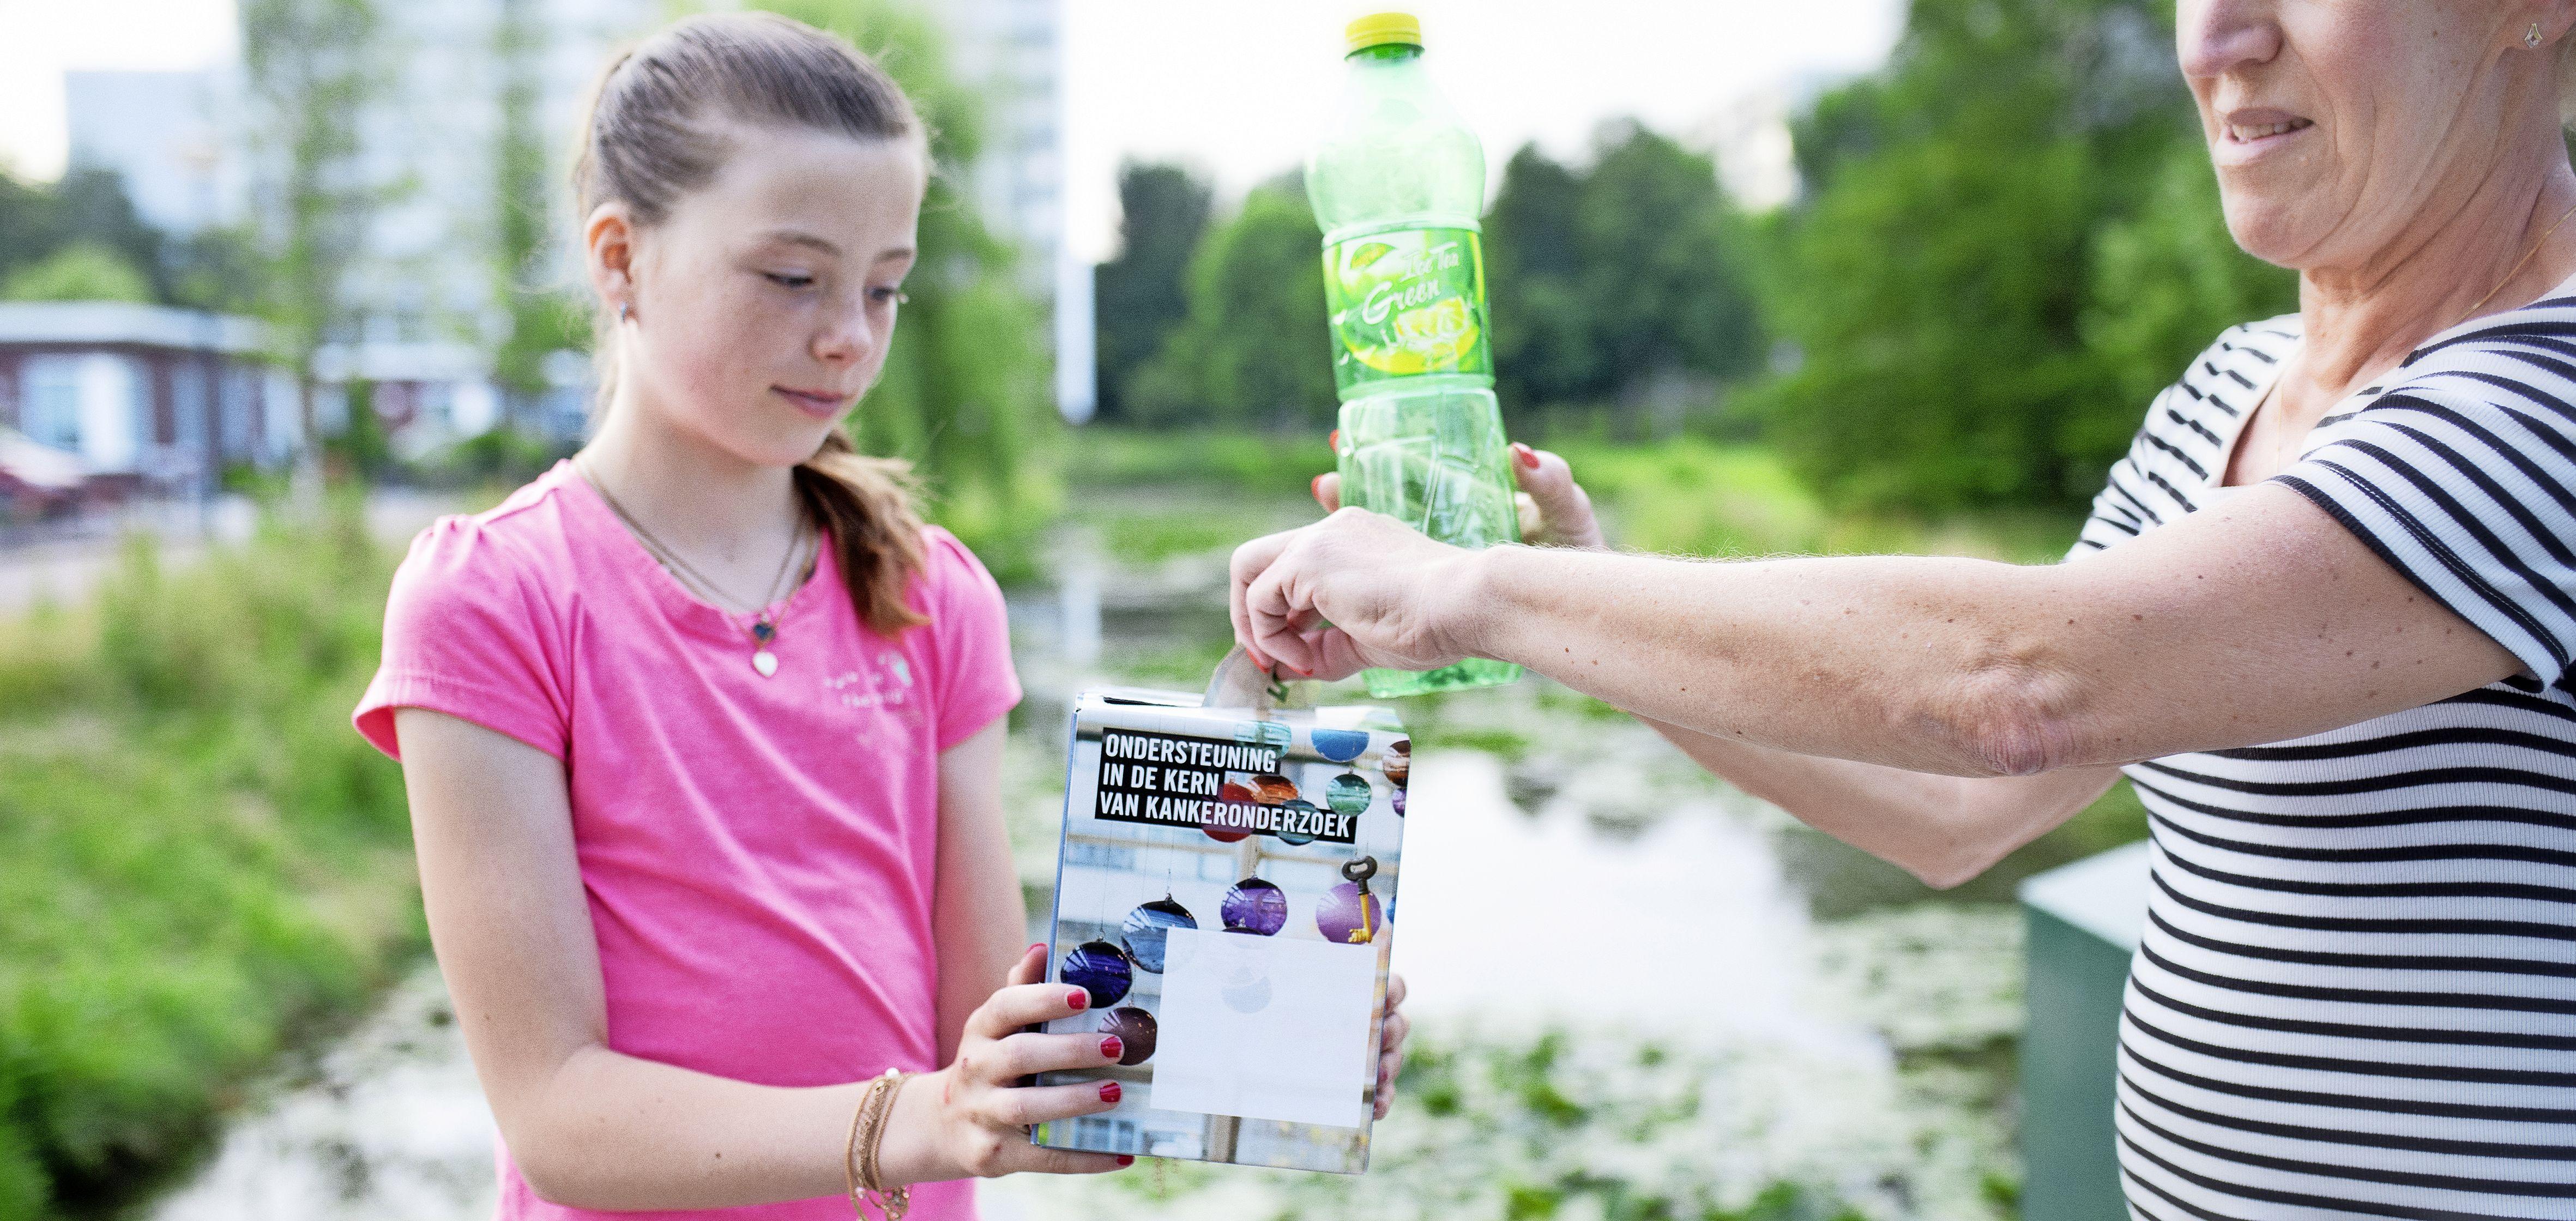 Verschilmakers: 11-jarige Cherie zamelt 240 dagen lang geld in voor kankeronderzoek. 'Ik hoopt dat het meehelpt om meer mensen beter te kunnen maken'